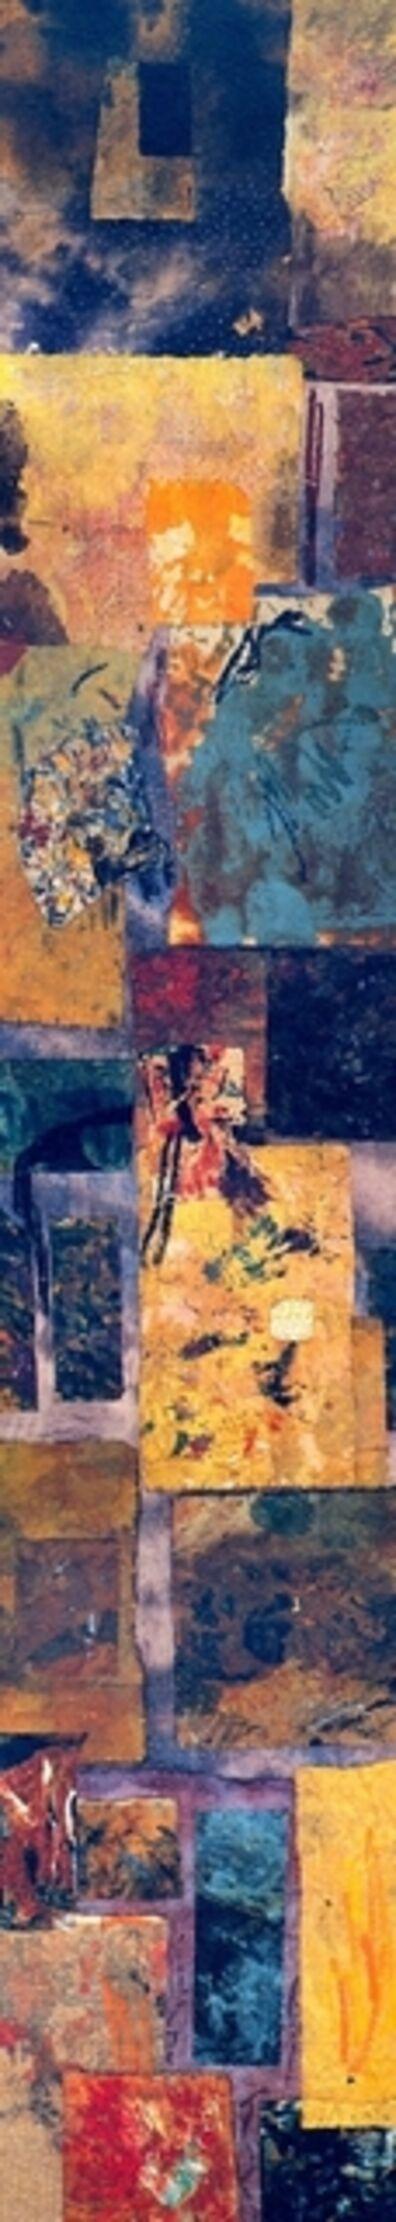 Pacita Abad, 'Recluse', 1995